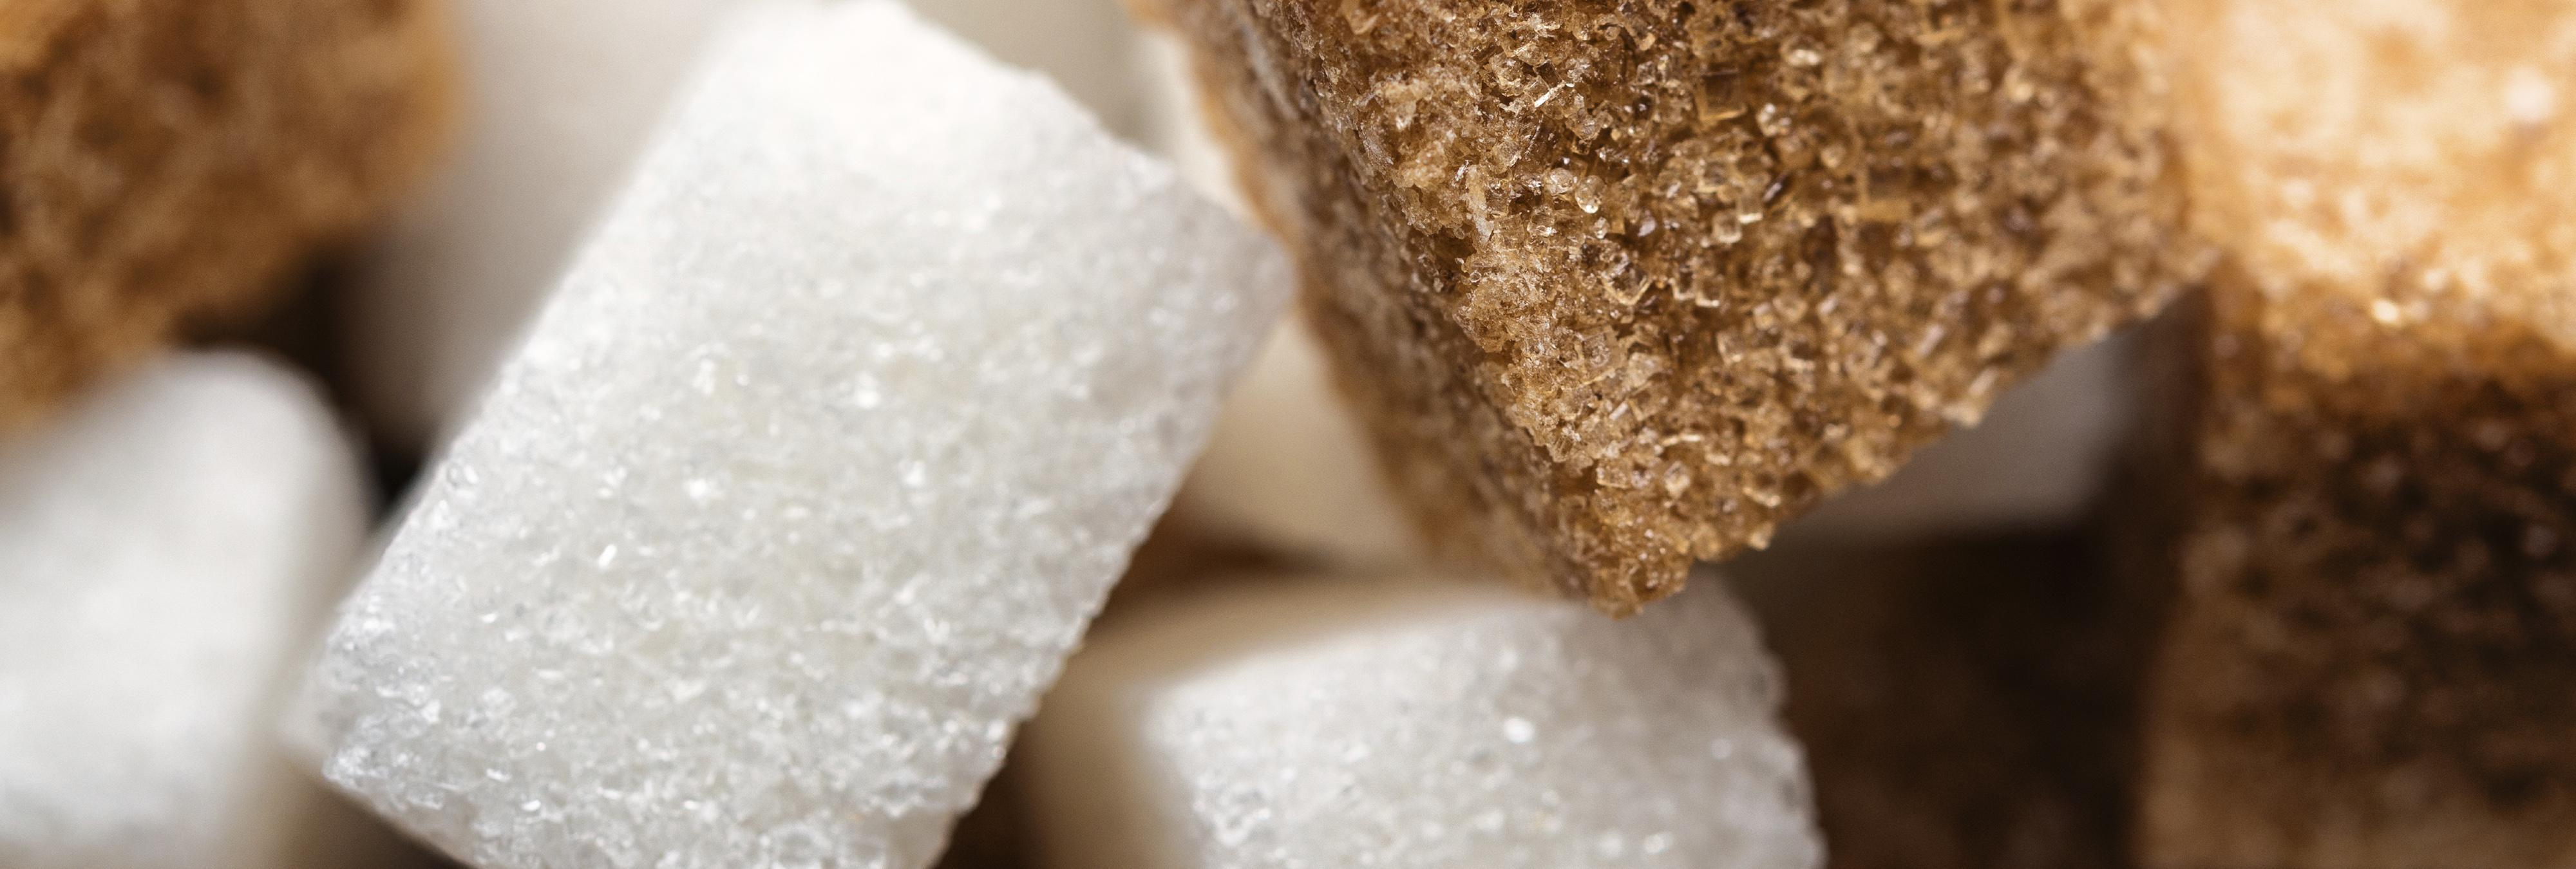 8 alimentos no necesariamente dulces que jamás sospecharías que tienen mucho azúcar